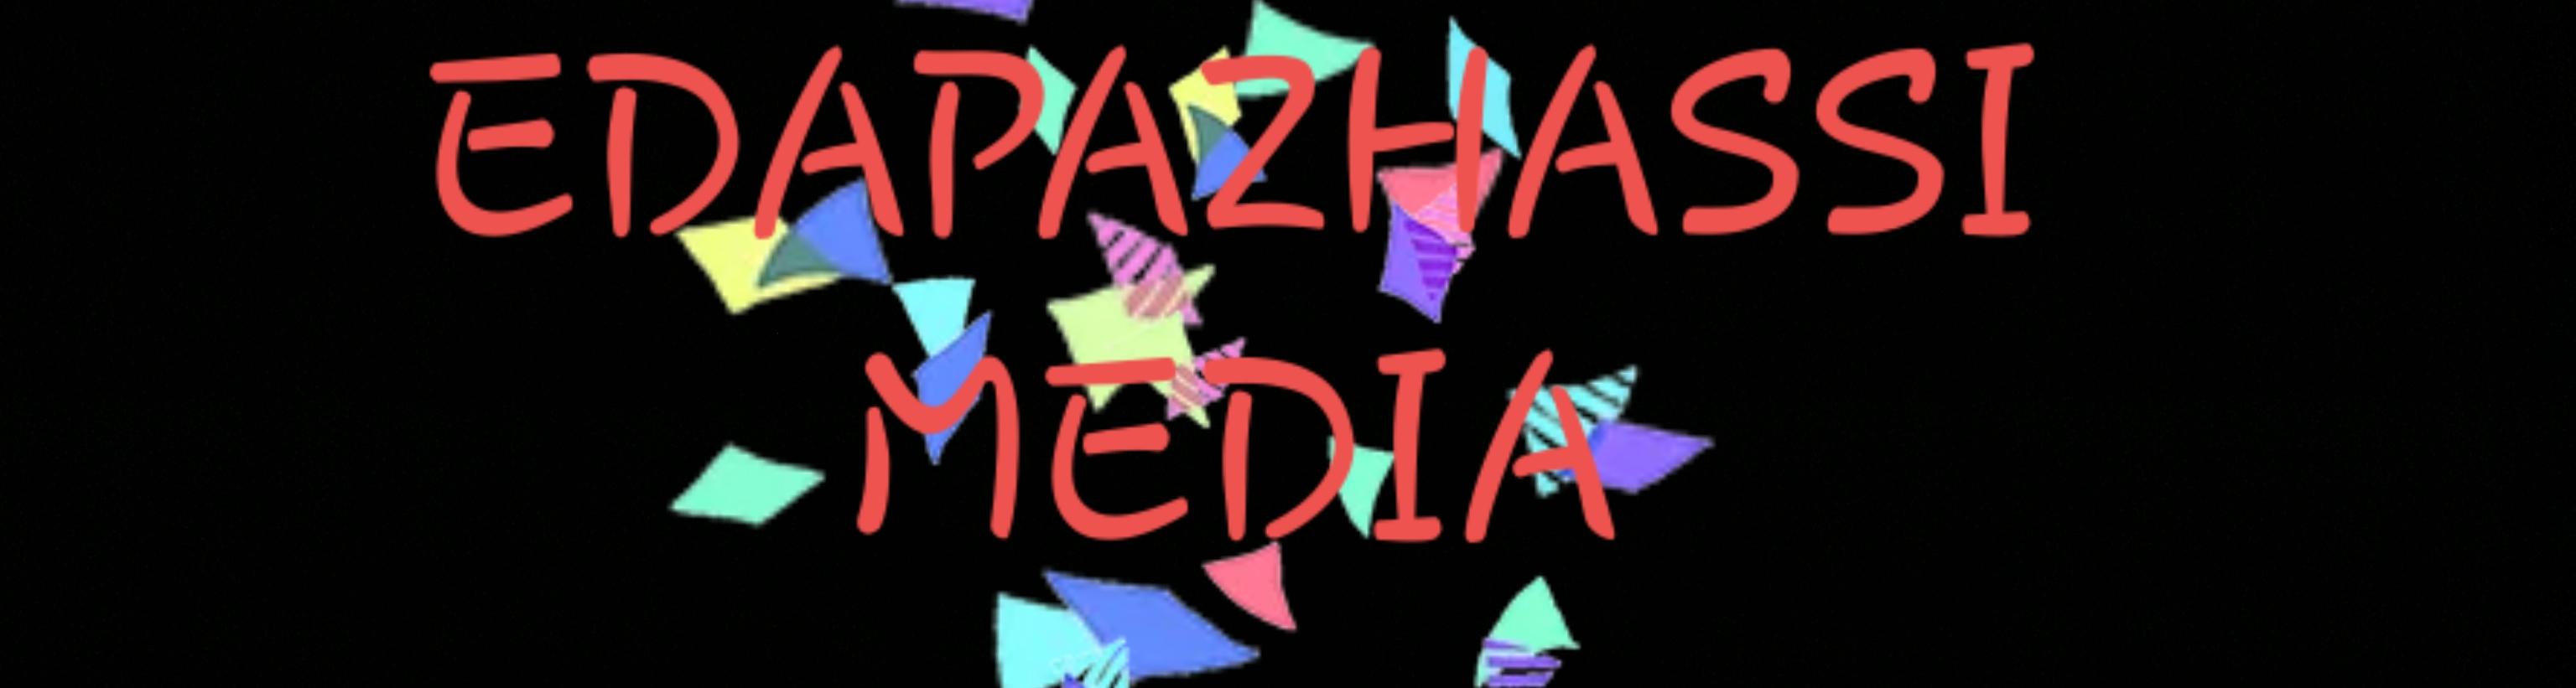 Edapazhassi media